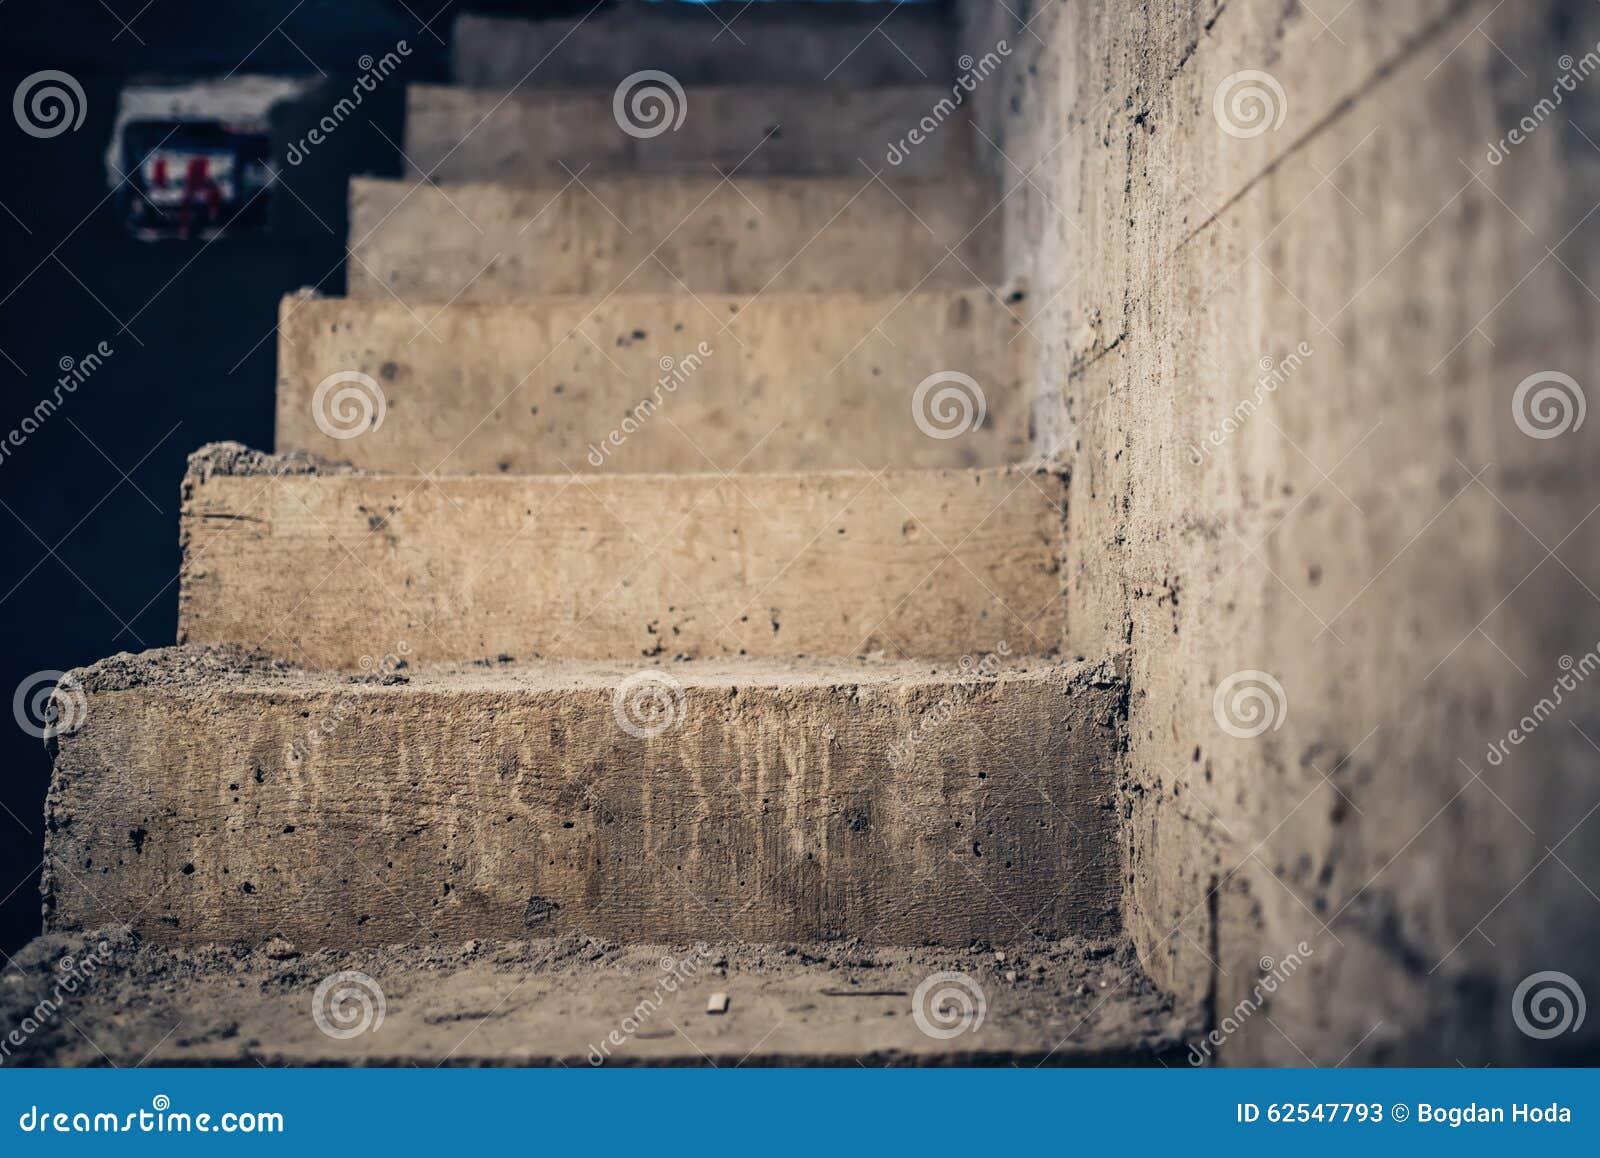 Αρχιτεκτονική σκαλοπατιών ατελής στο υπόγειο Συγκεκριμένη σκάλα τσιμέντου στο εργοτάξιο οικοδομής σπιτιών